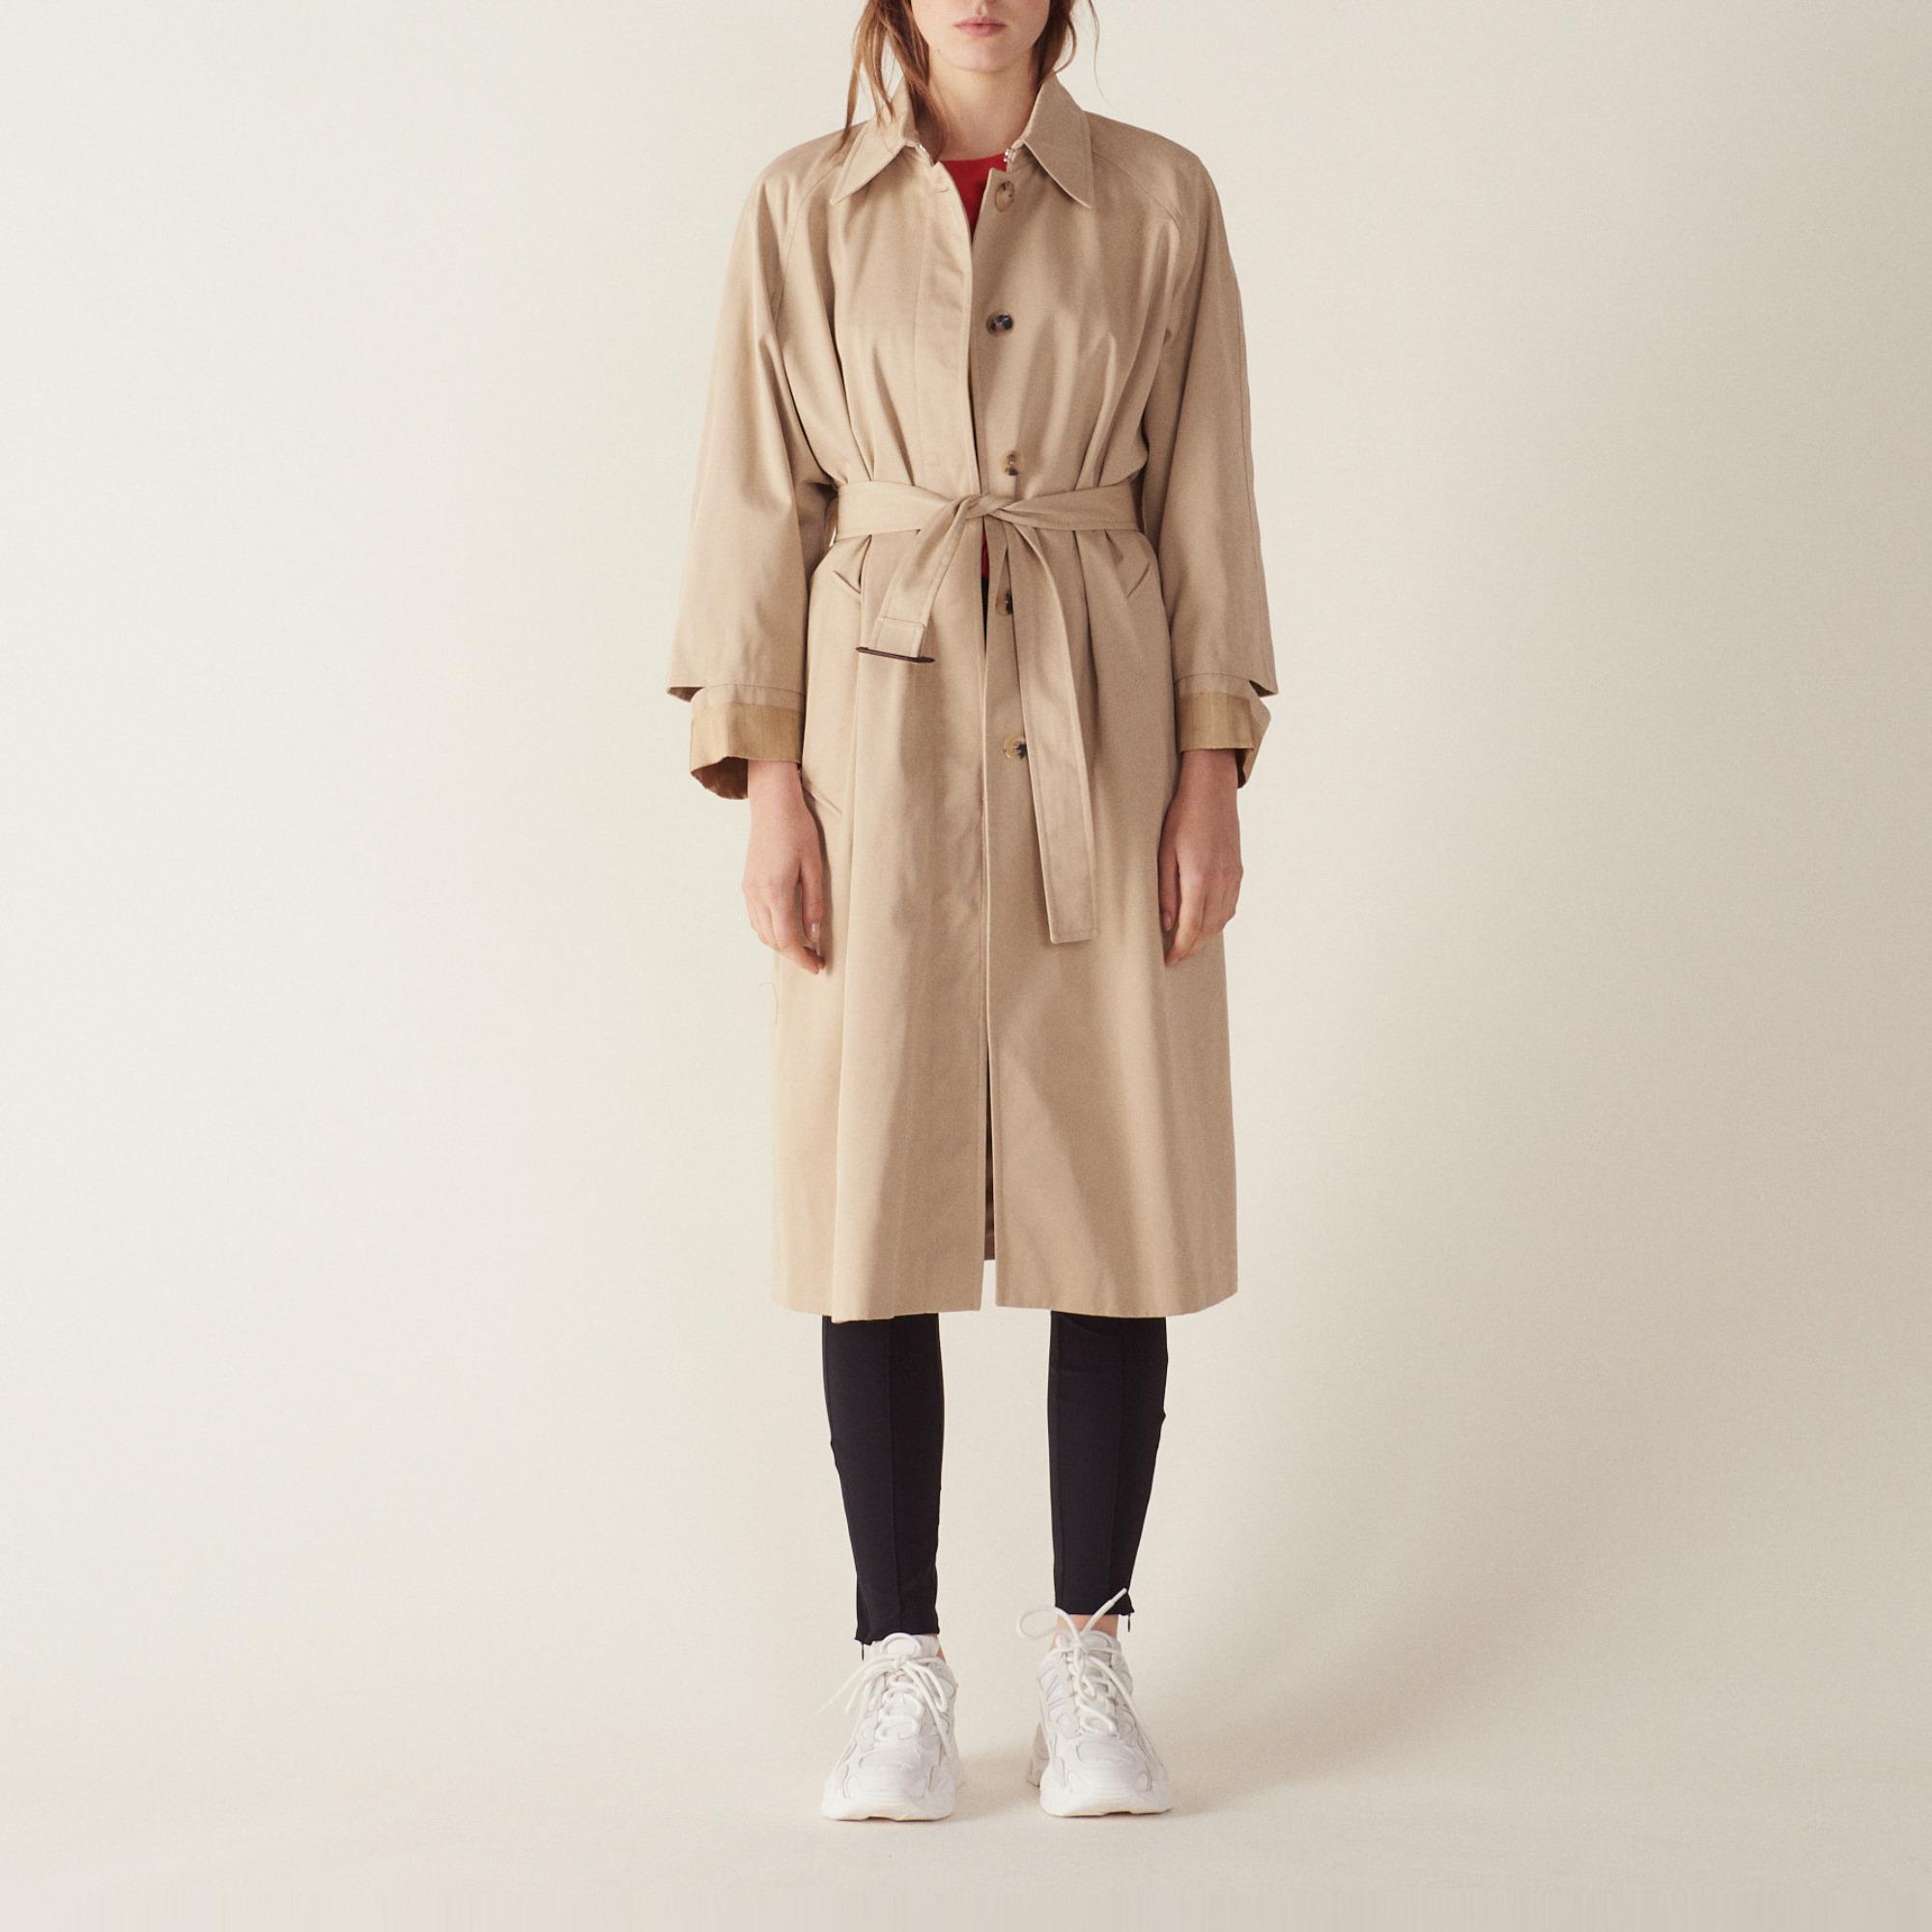 a50822c319bb ... Manteau long esprit trench coat   Manteaux couleur Beige ...